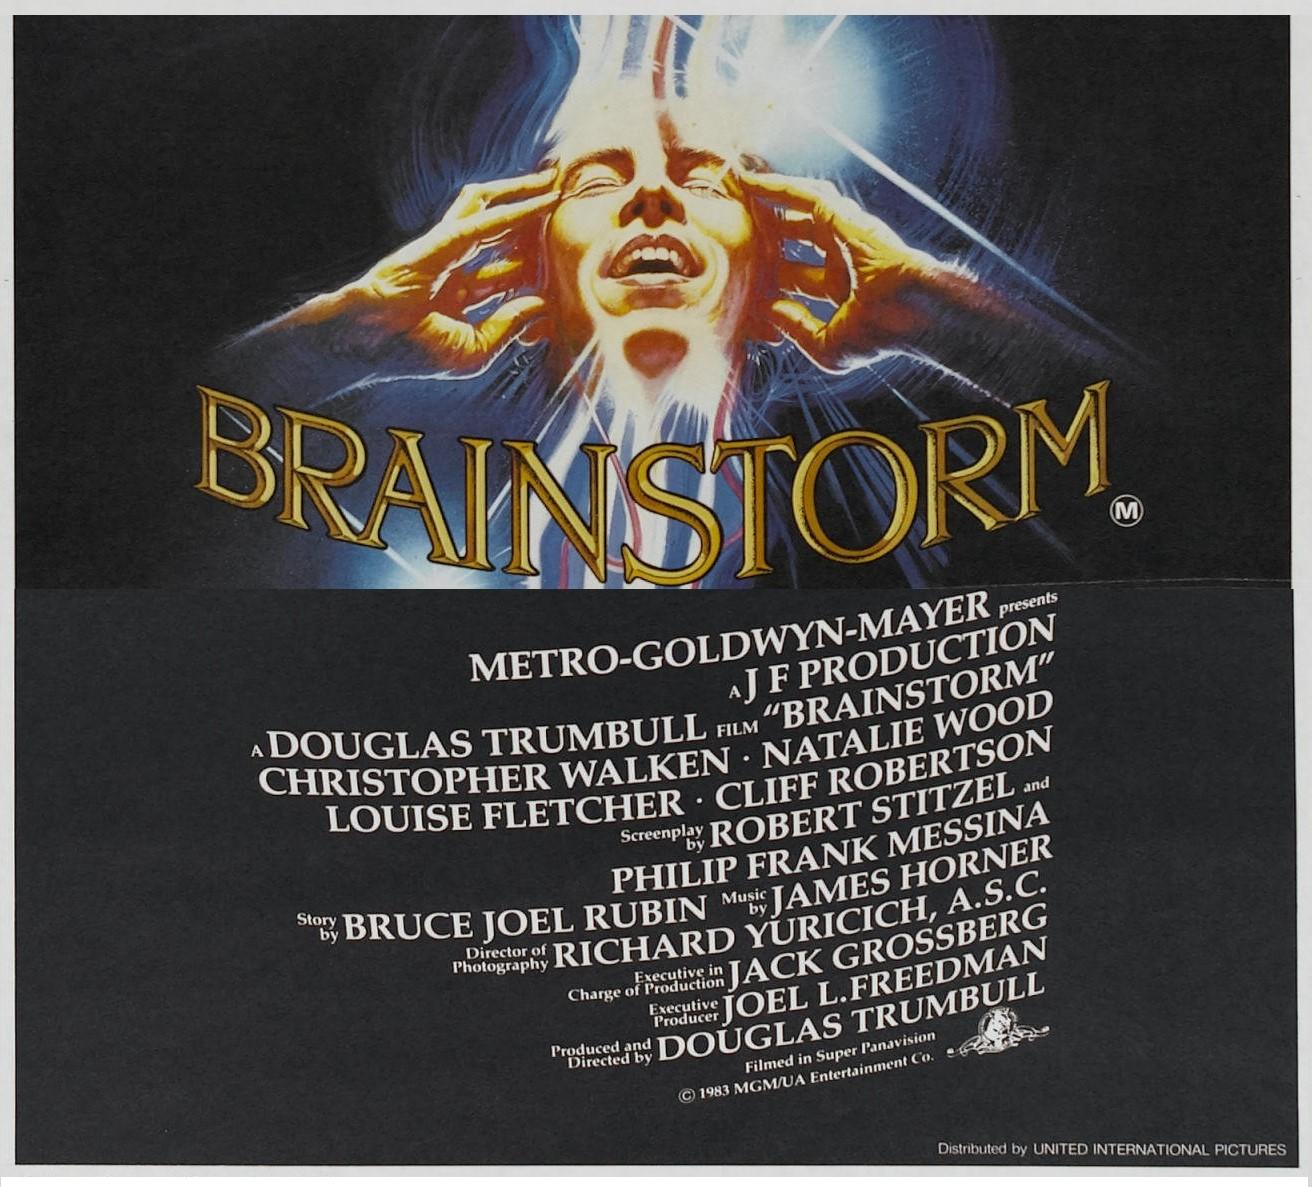 BRAINSTORM (1983)  WEB SITE